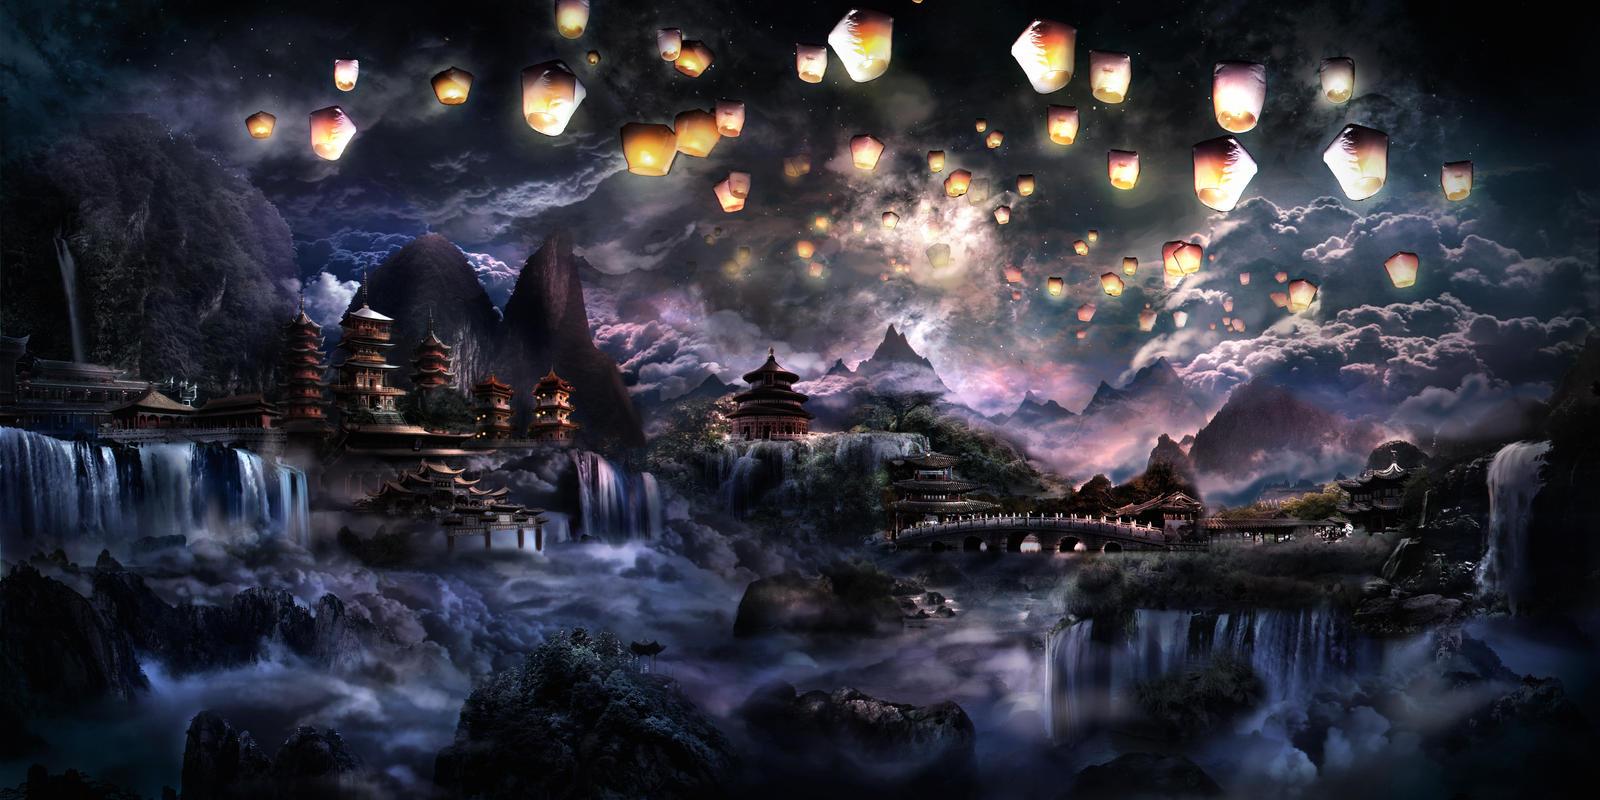 Landscape by nicholasgwee